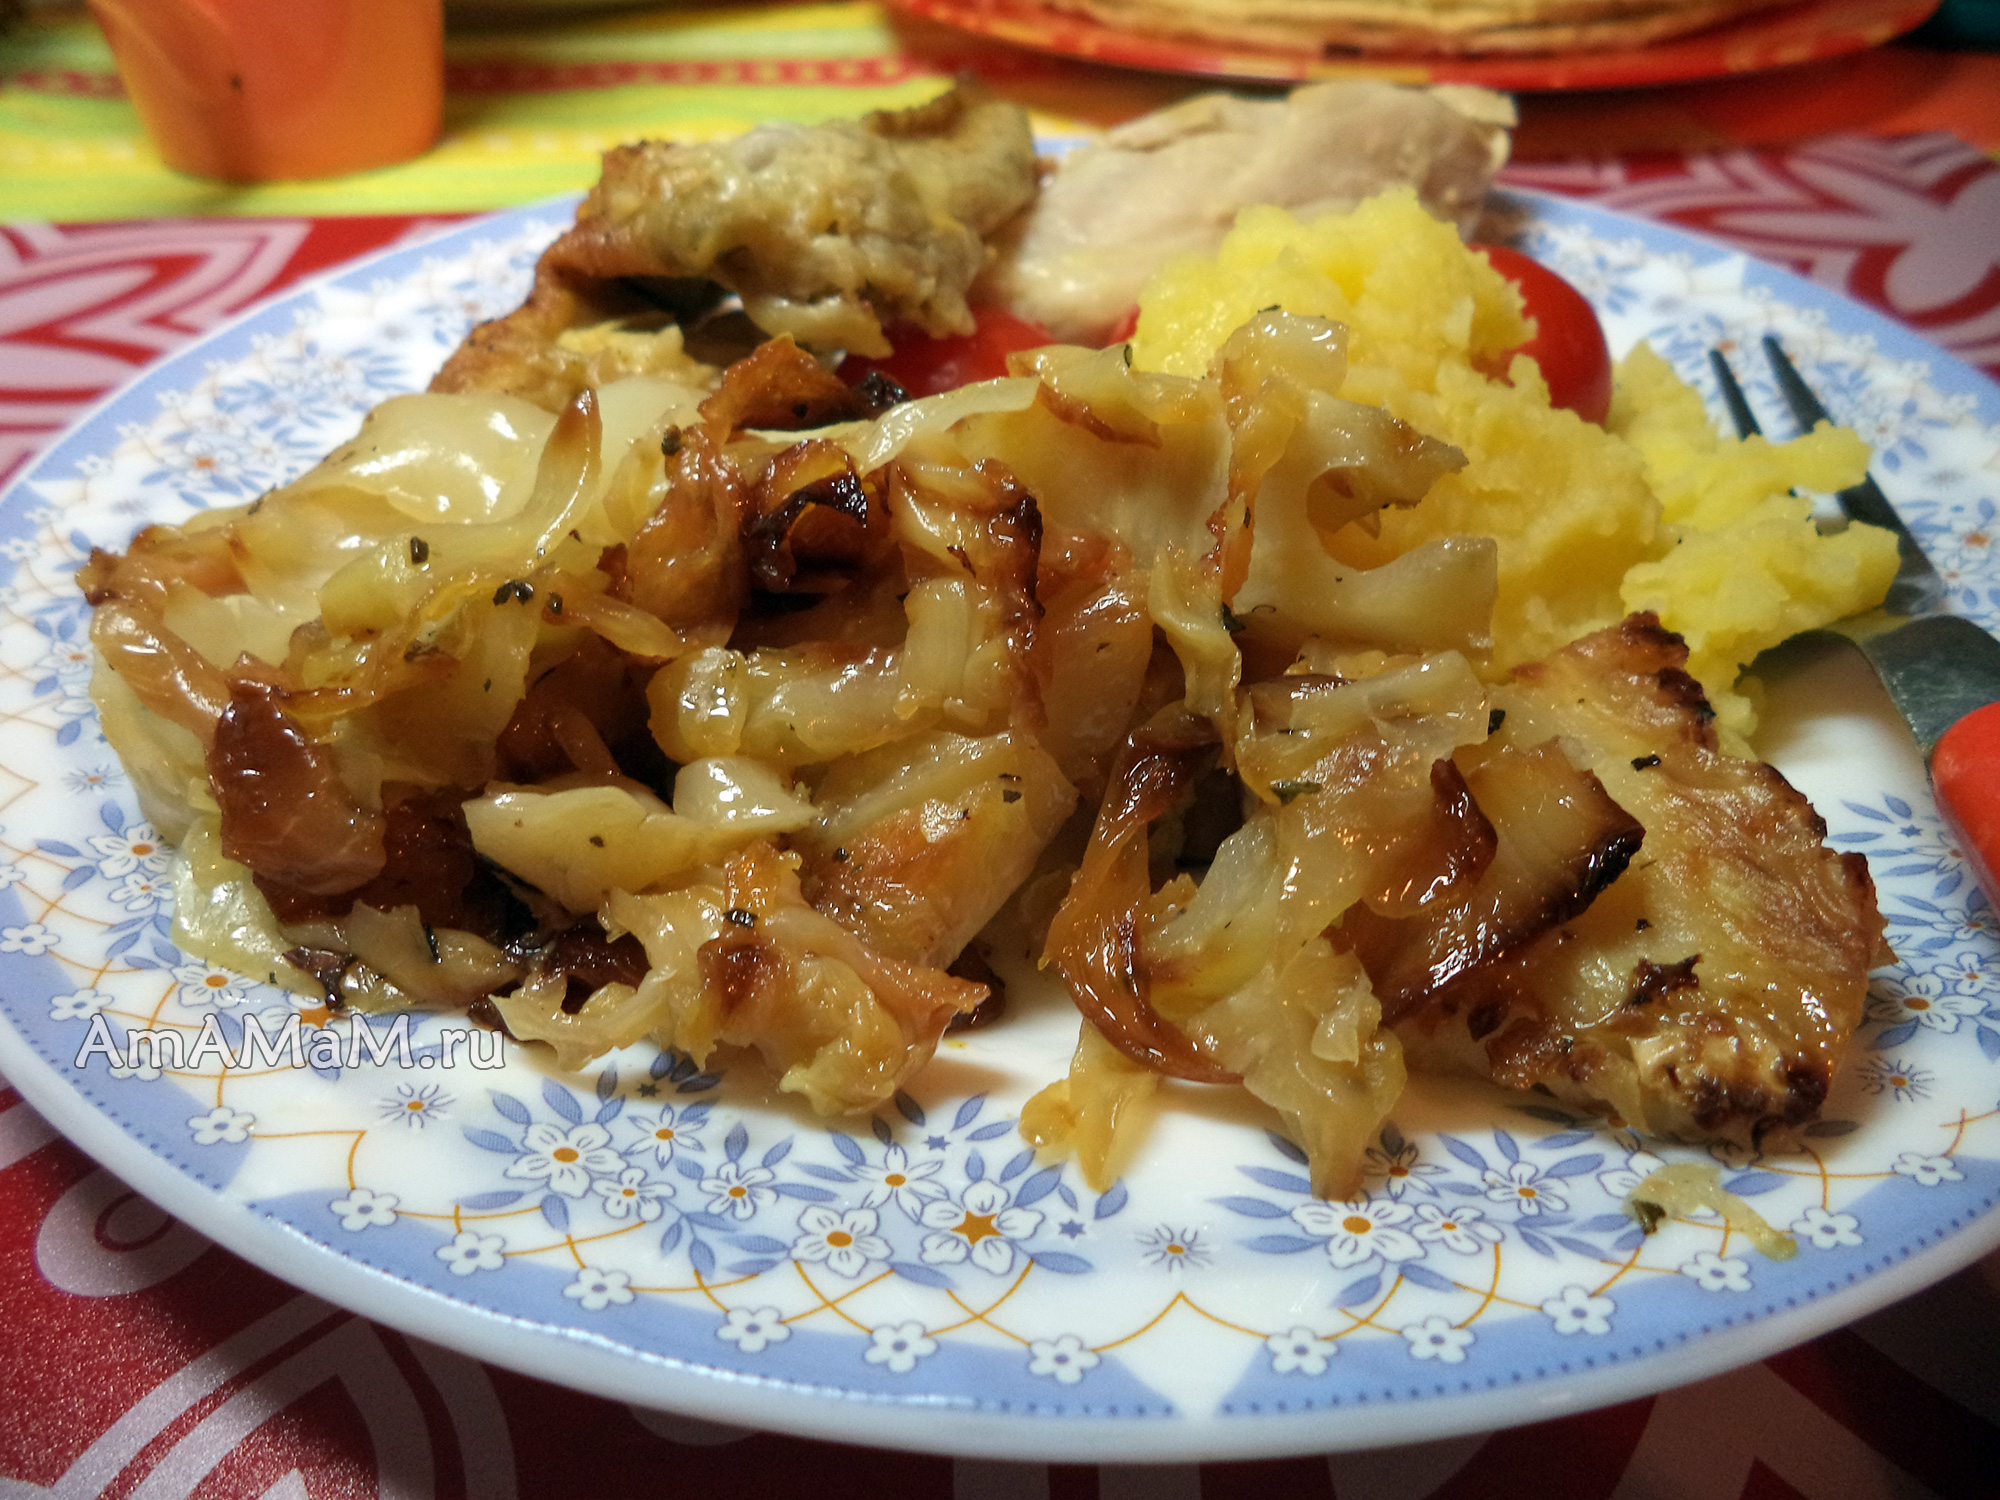 Рецепт приготовления жареной капусты с фаршем отношение льва в семье